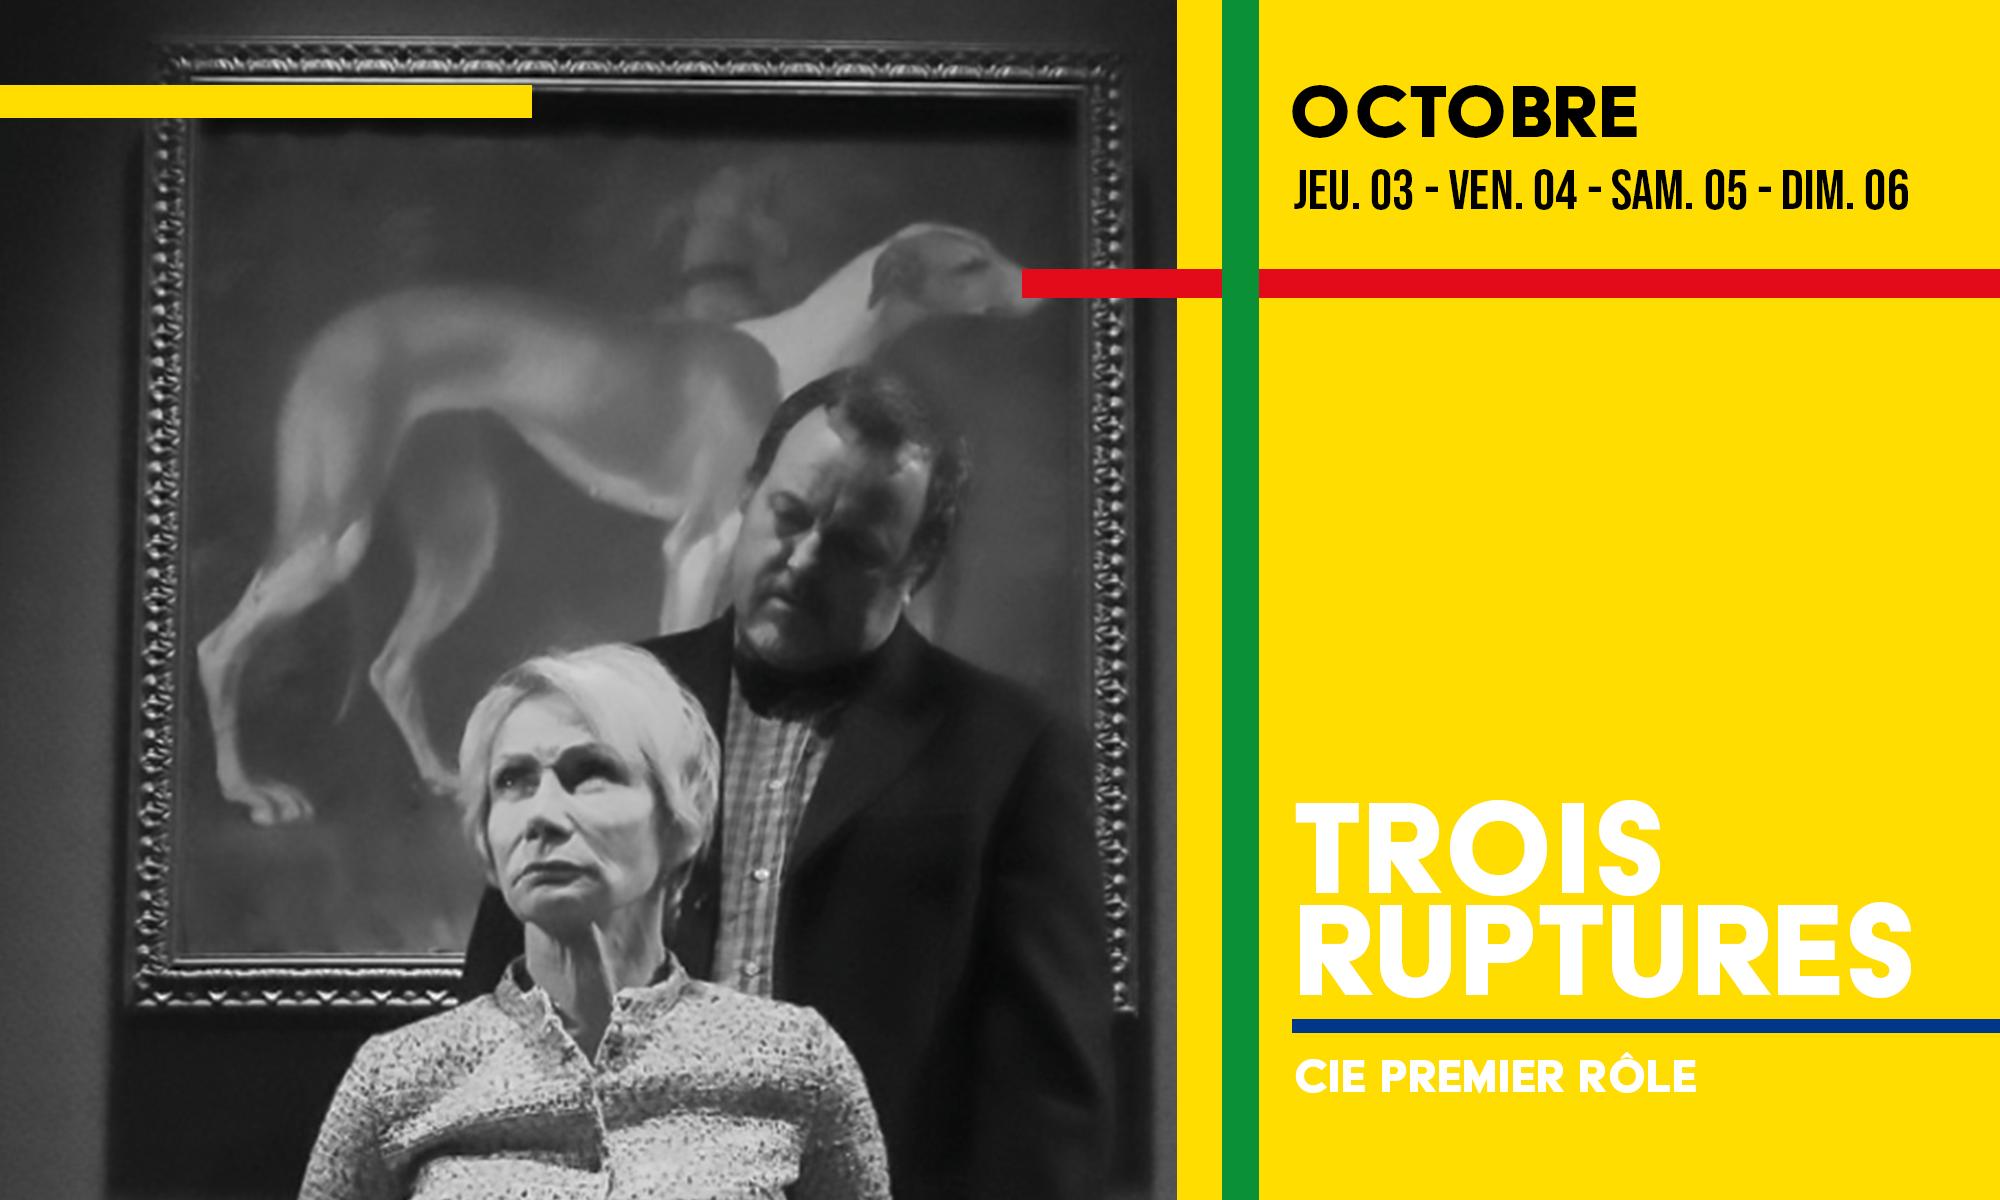 Trois ruptures au théâtre du Gai Savoir à Lyon / du 03 au 06 octobre 2019 / par la compagnie premier rôle